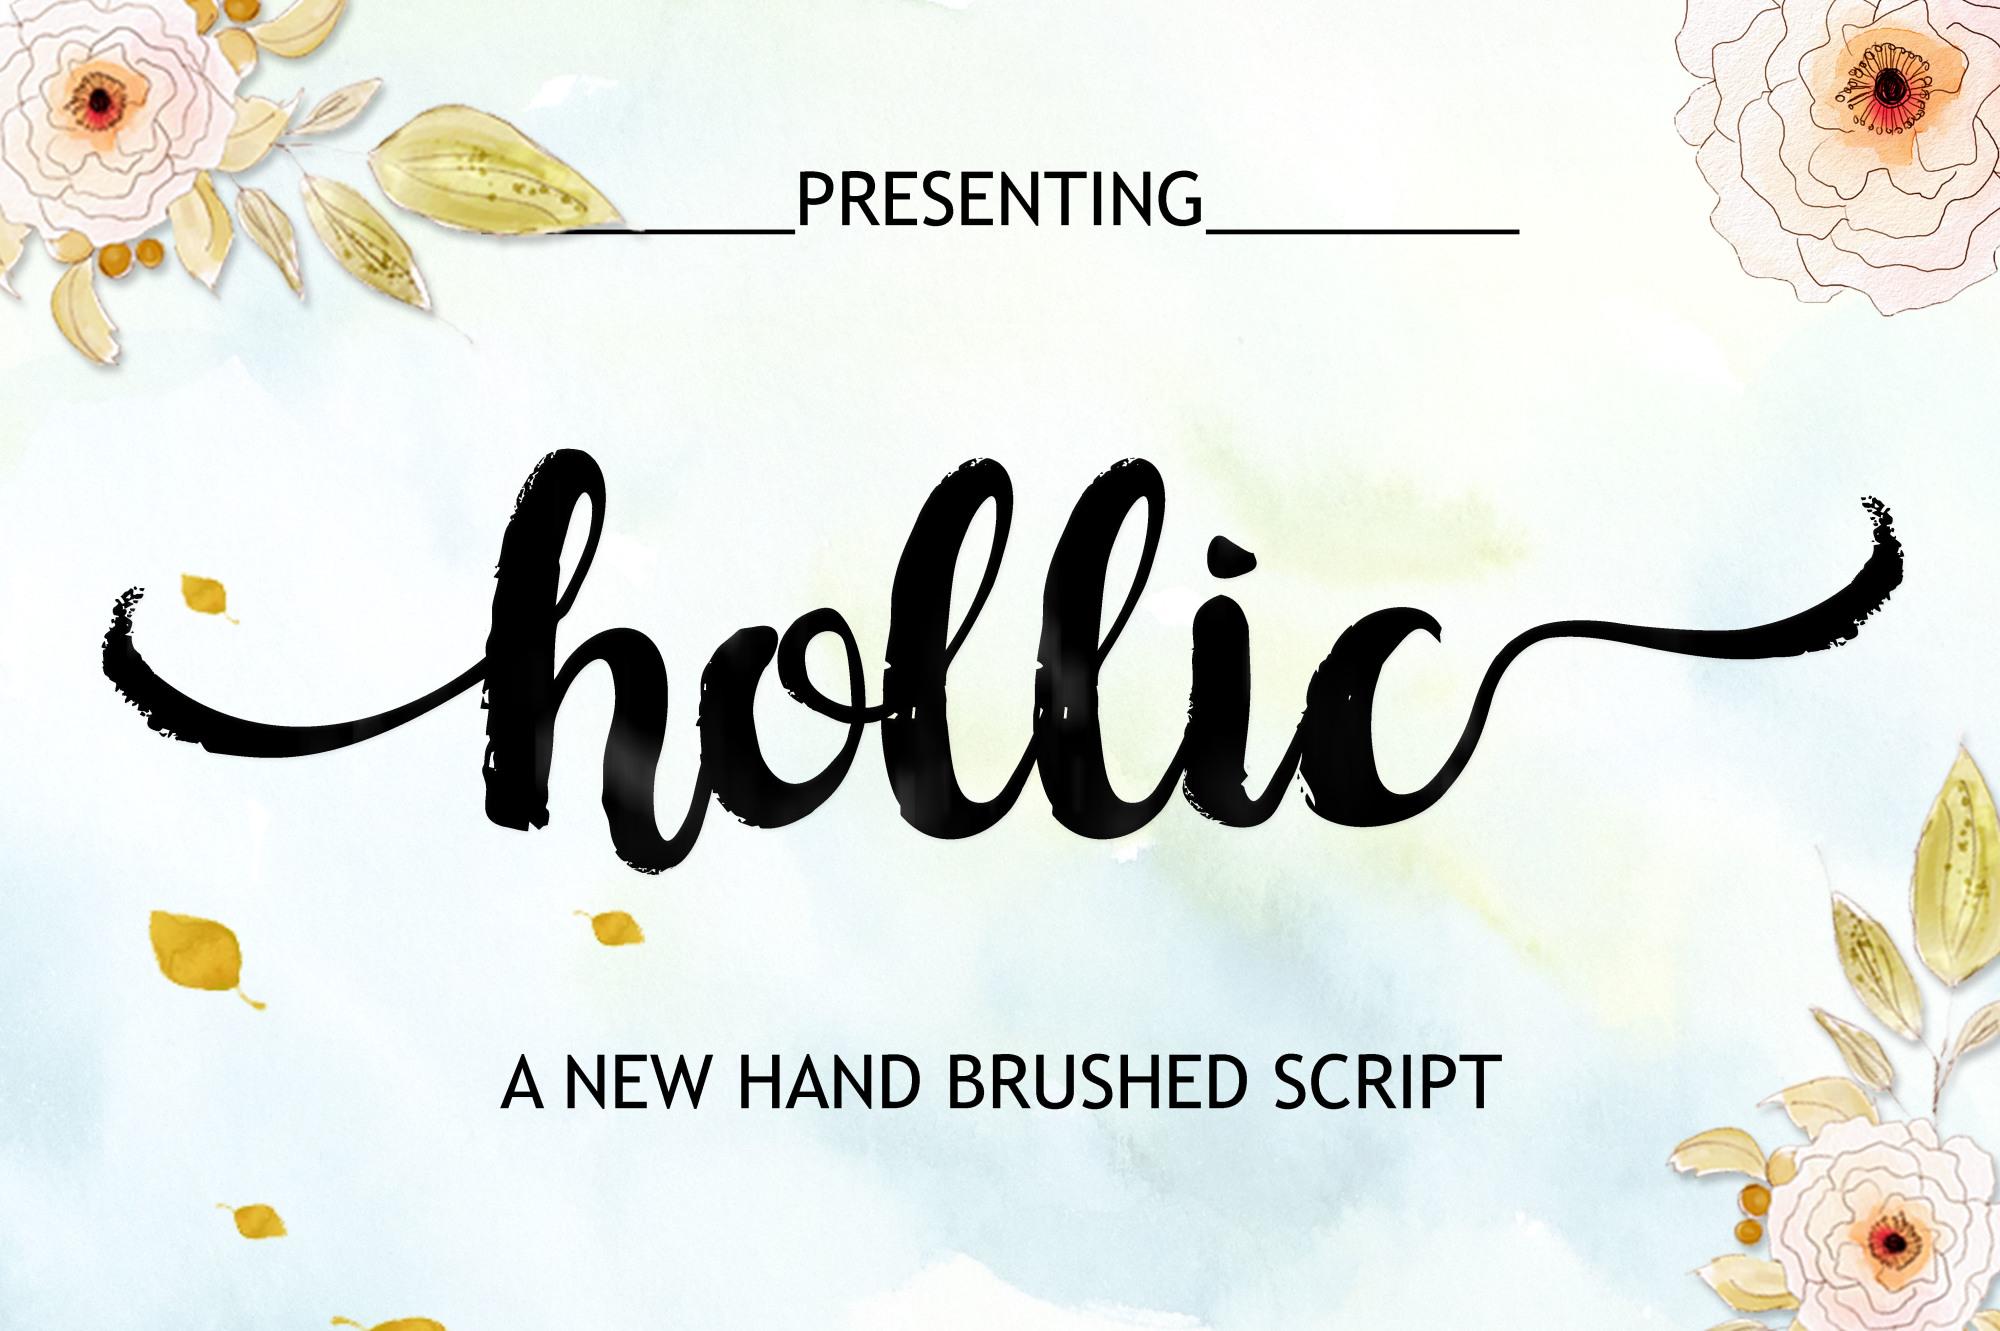 Hollic Brush example image 2